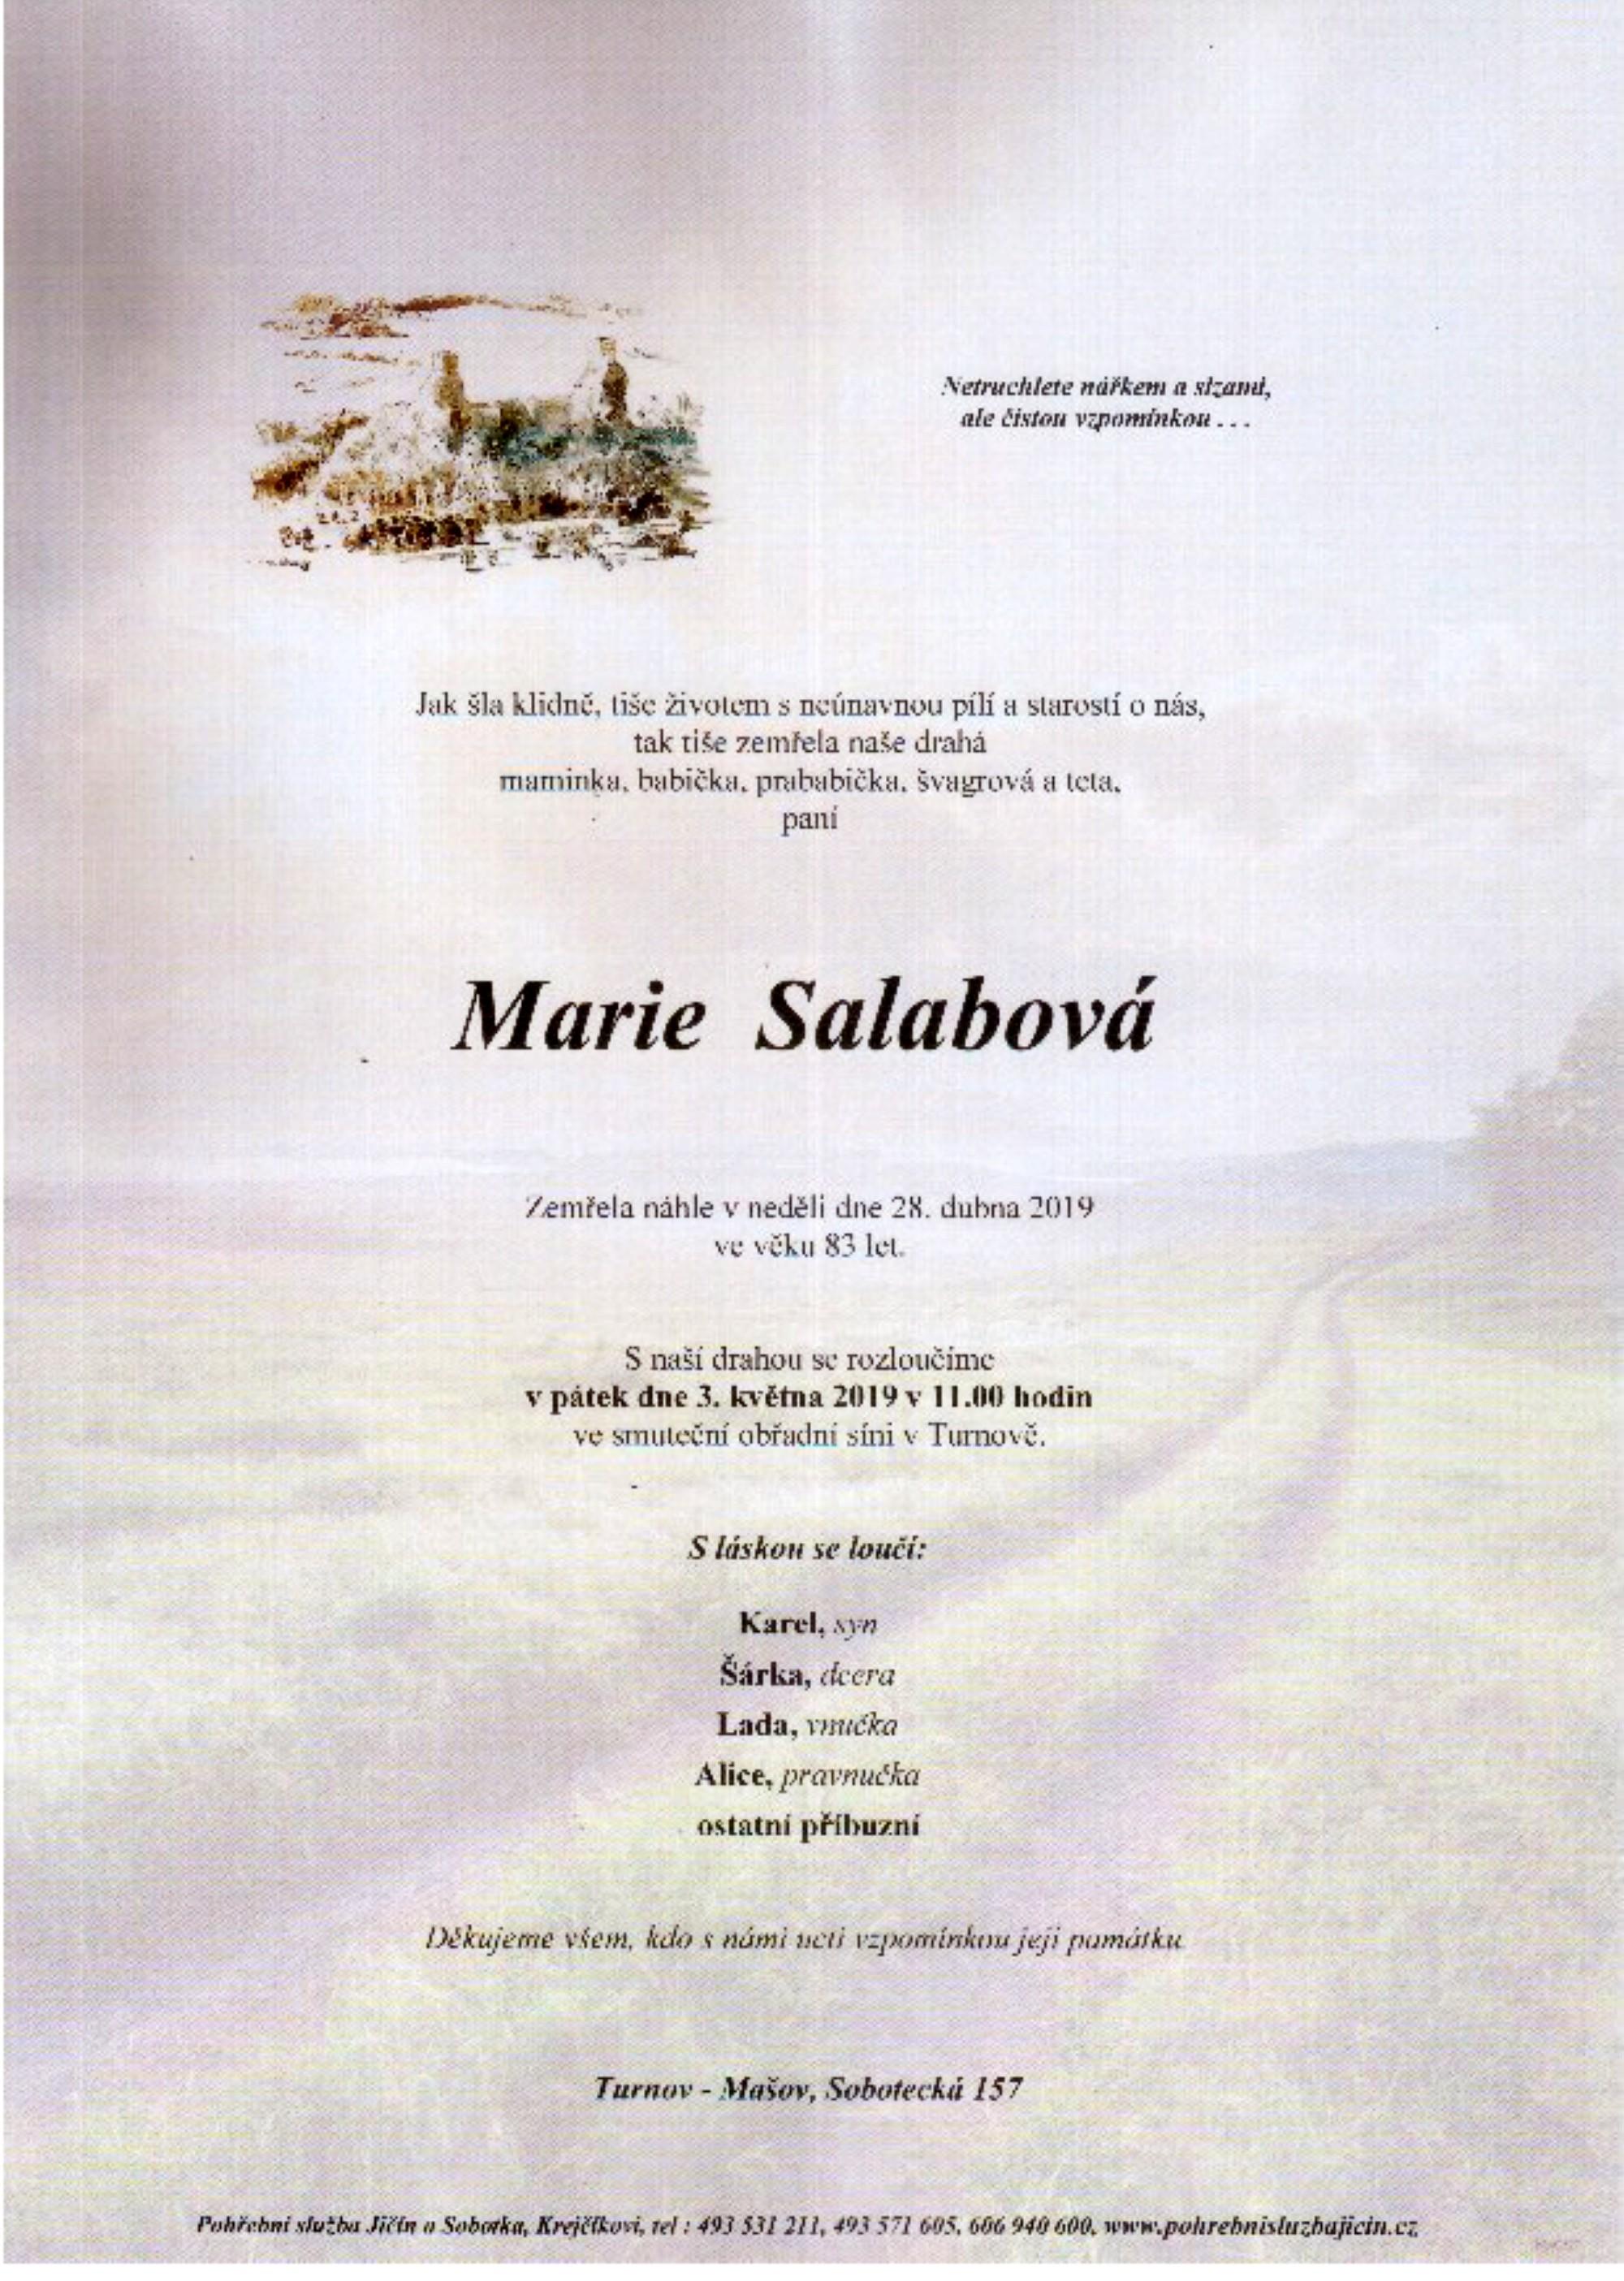 Marie Salabová